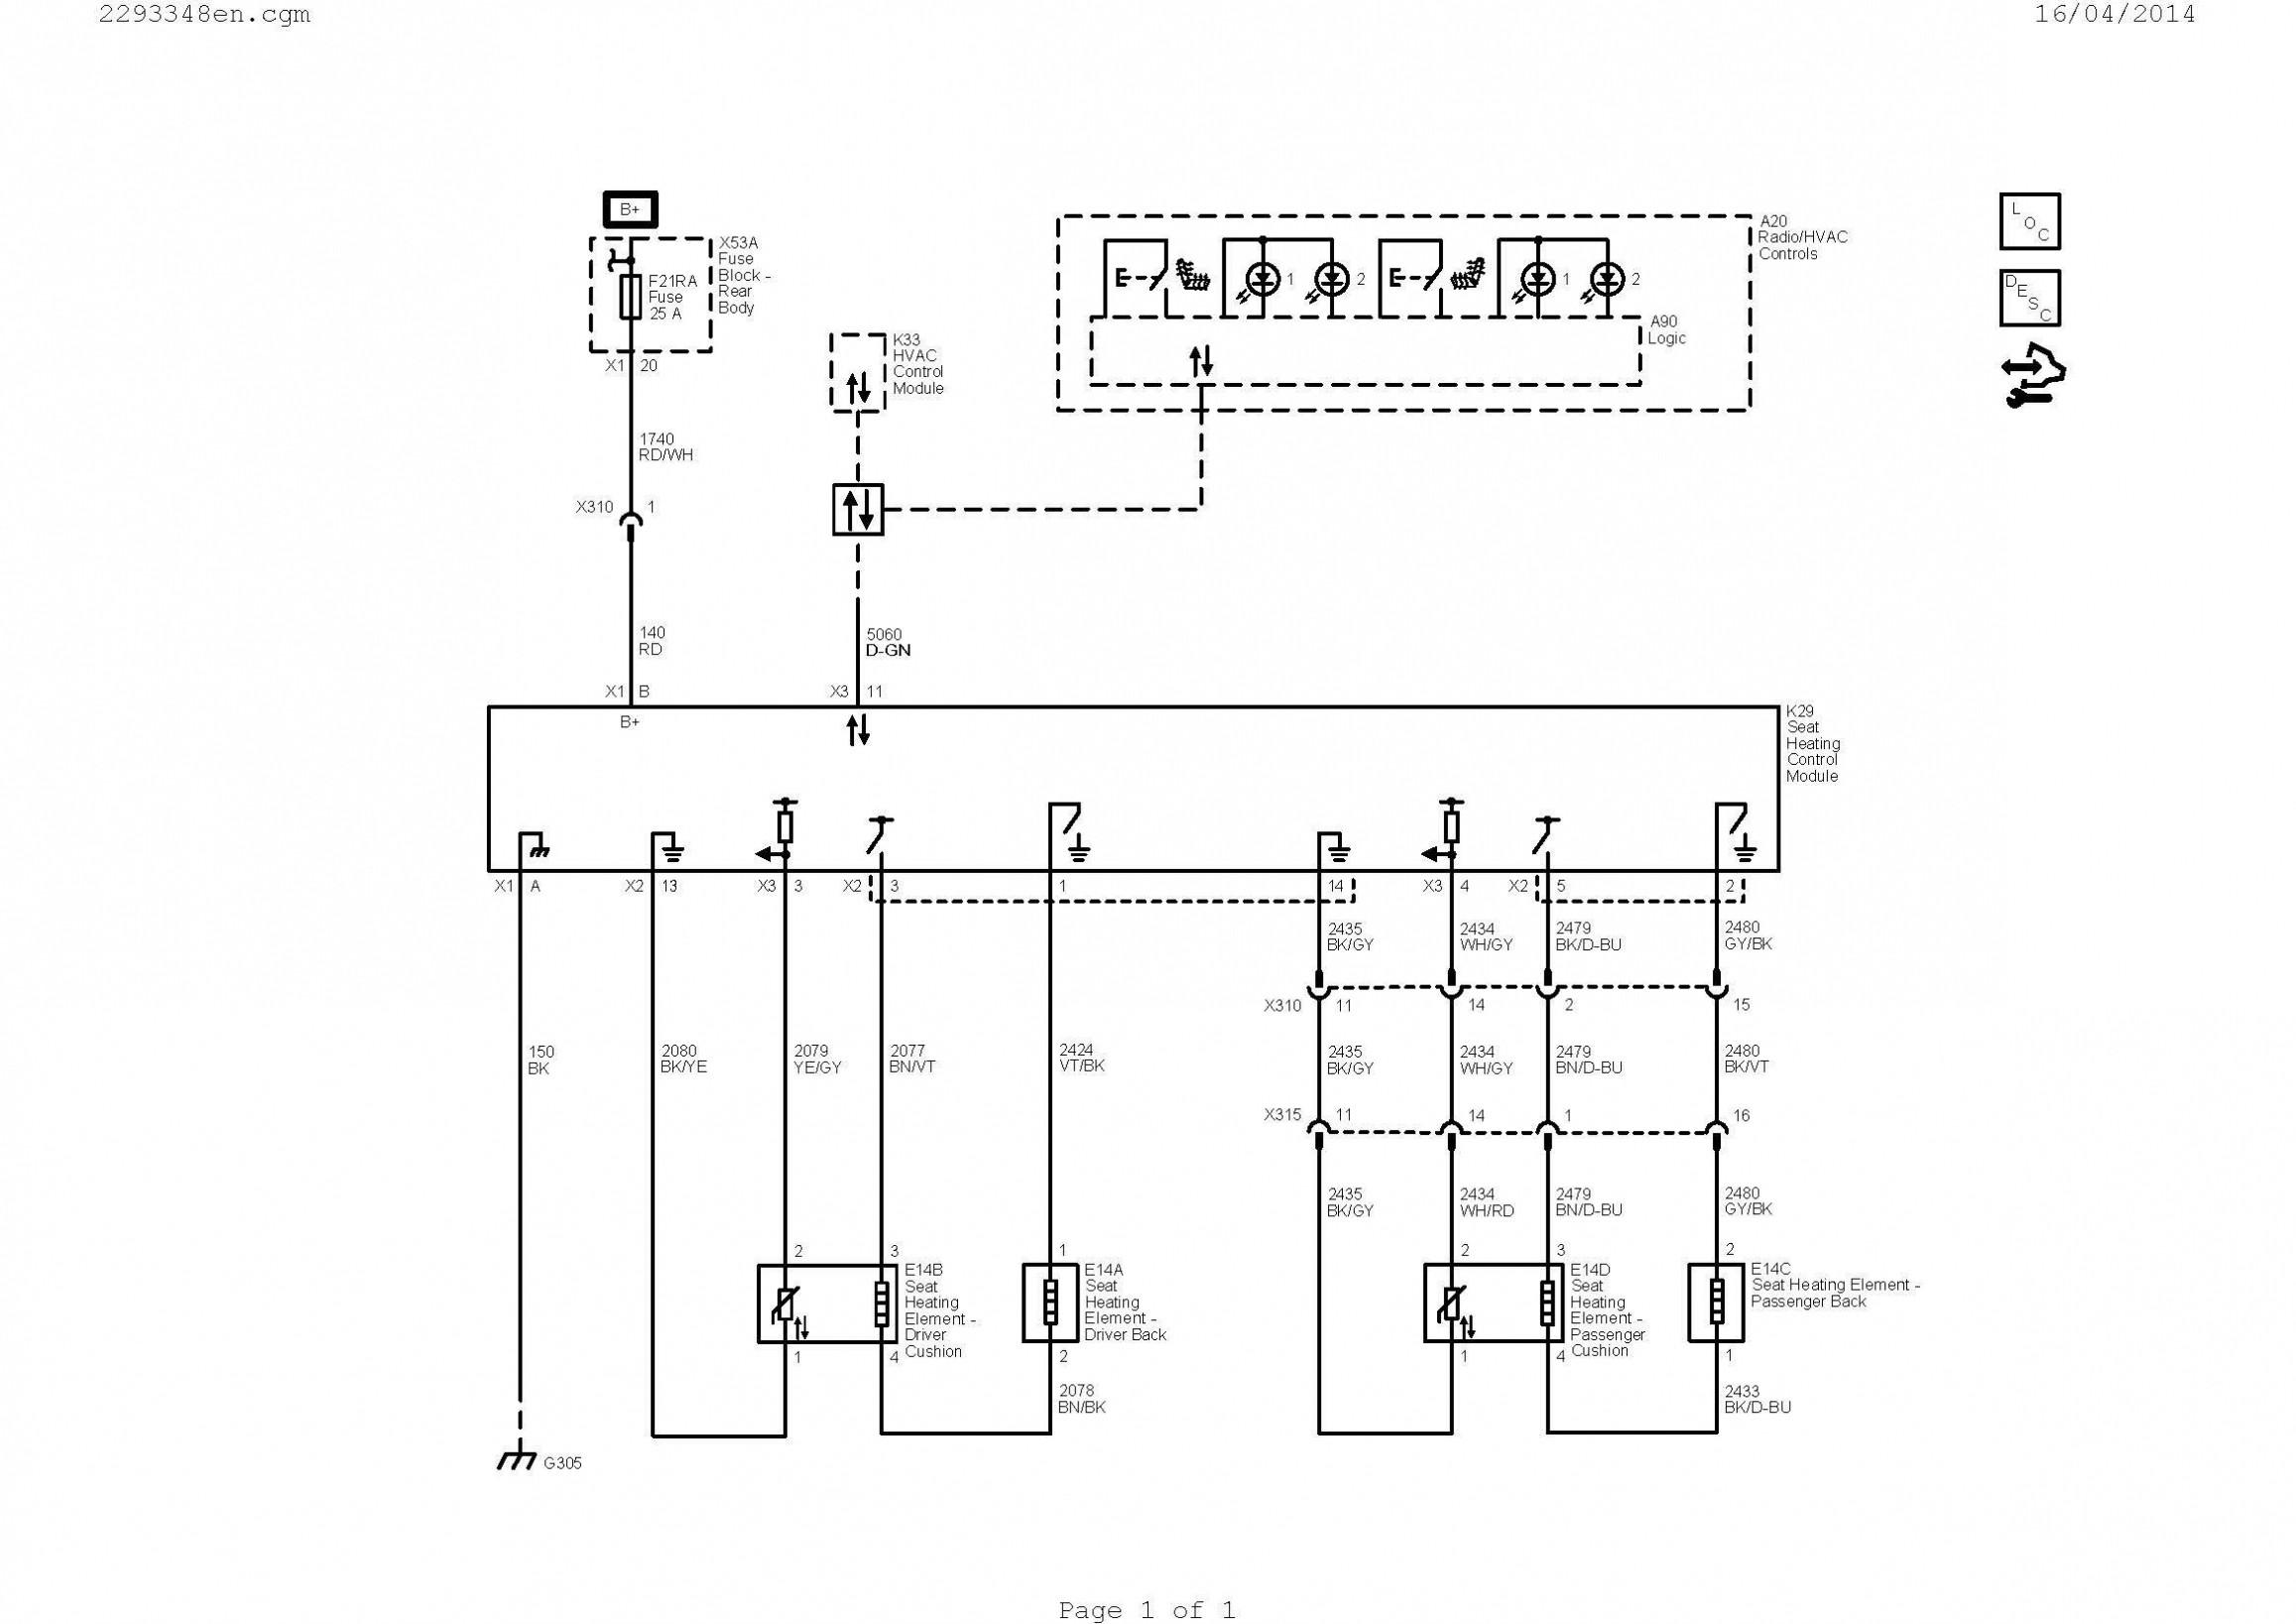 2001 Honda Civic Ex Engine Diagram 2015 Honda Civic Ignition Wiring Diagram Data Wiring • Of 2001 Honda Civic Ex Engine Diagram